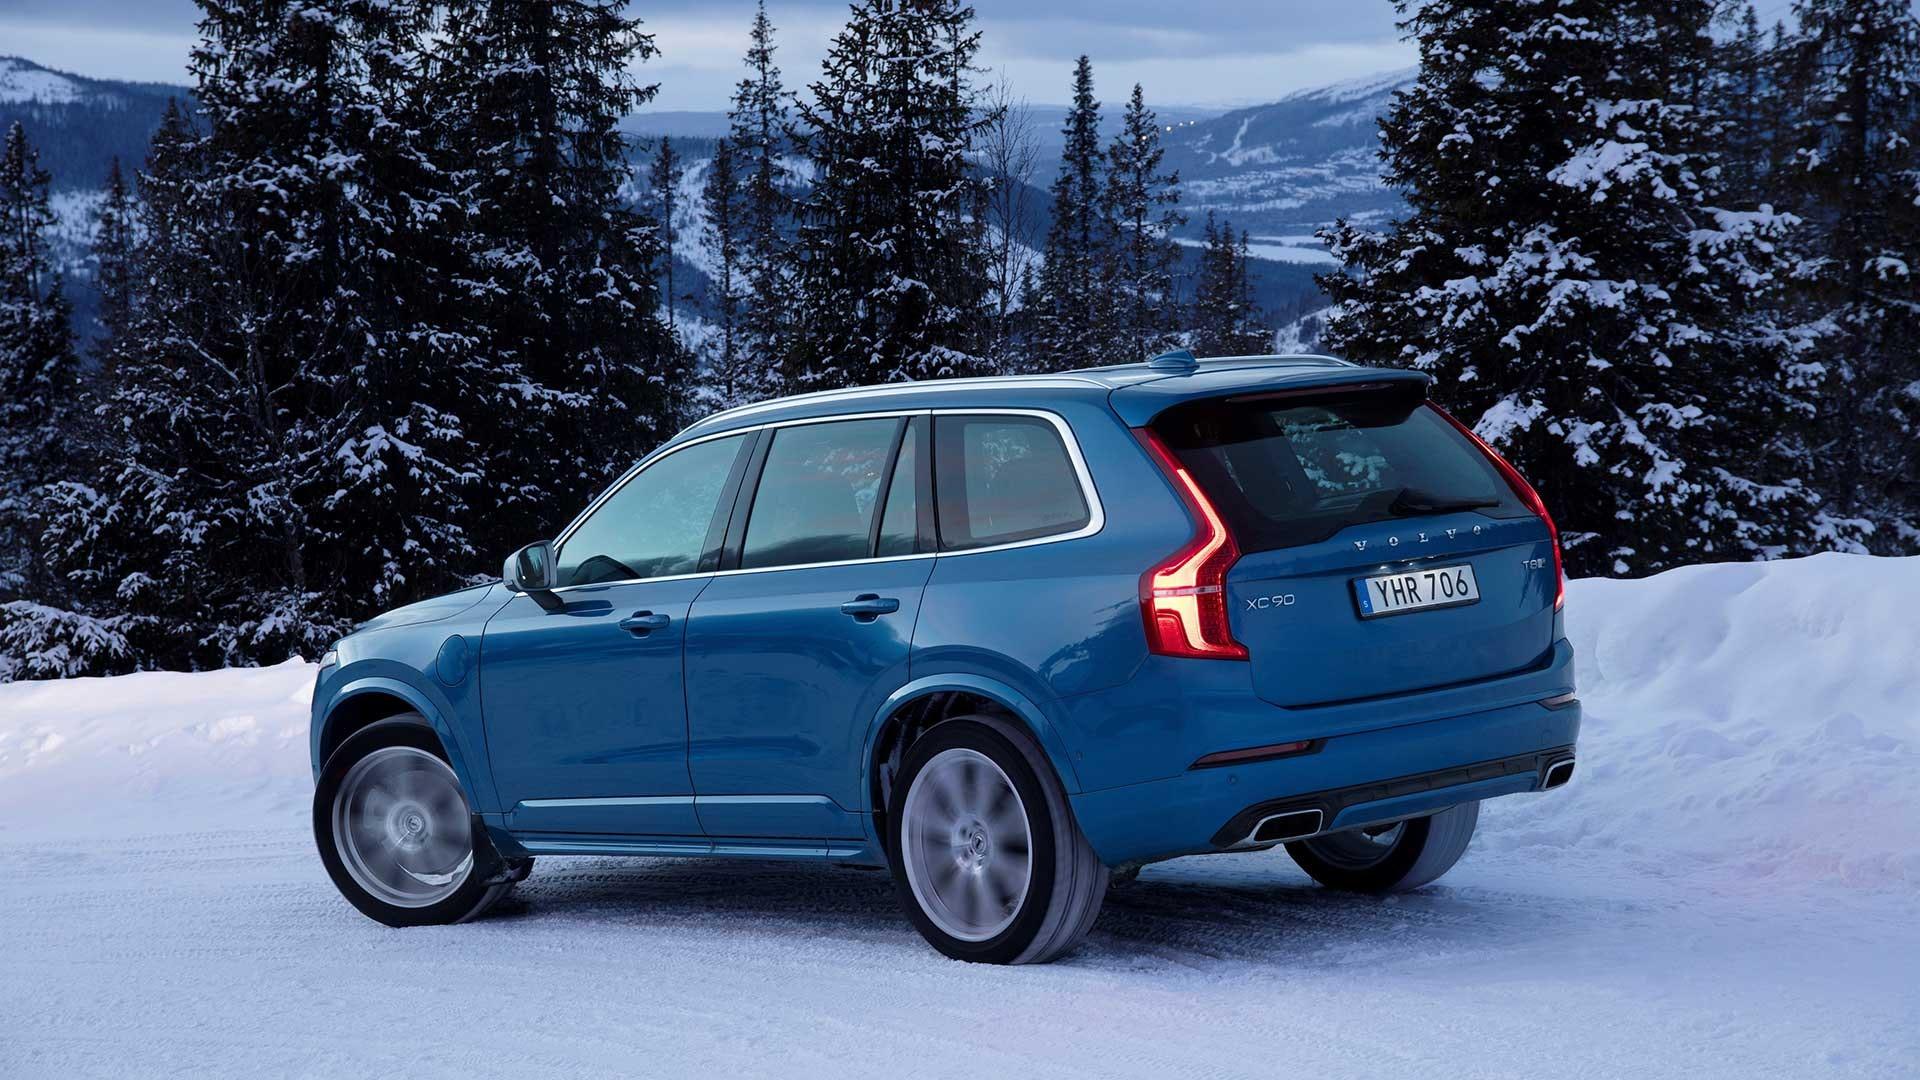 Volvo XC90 sne